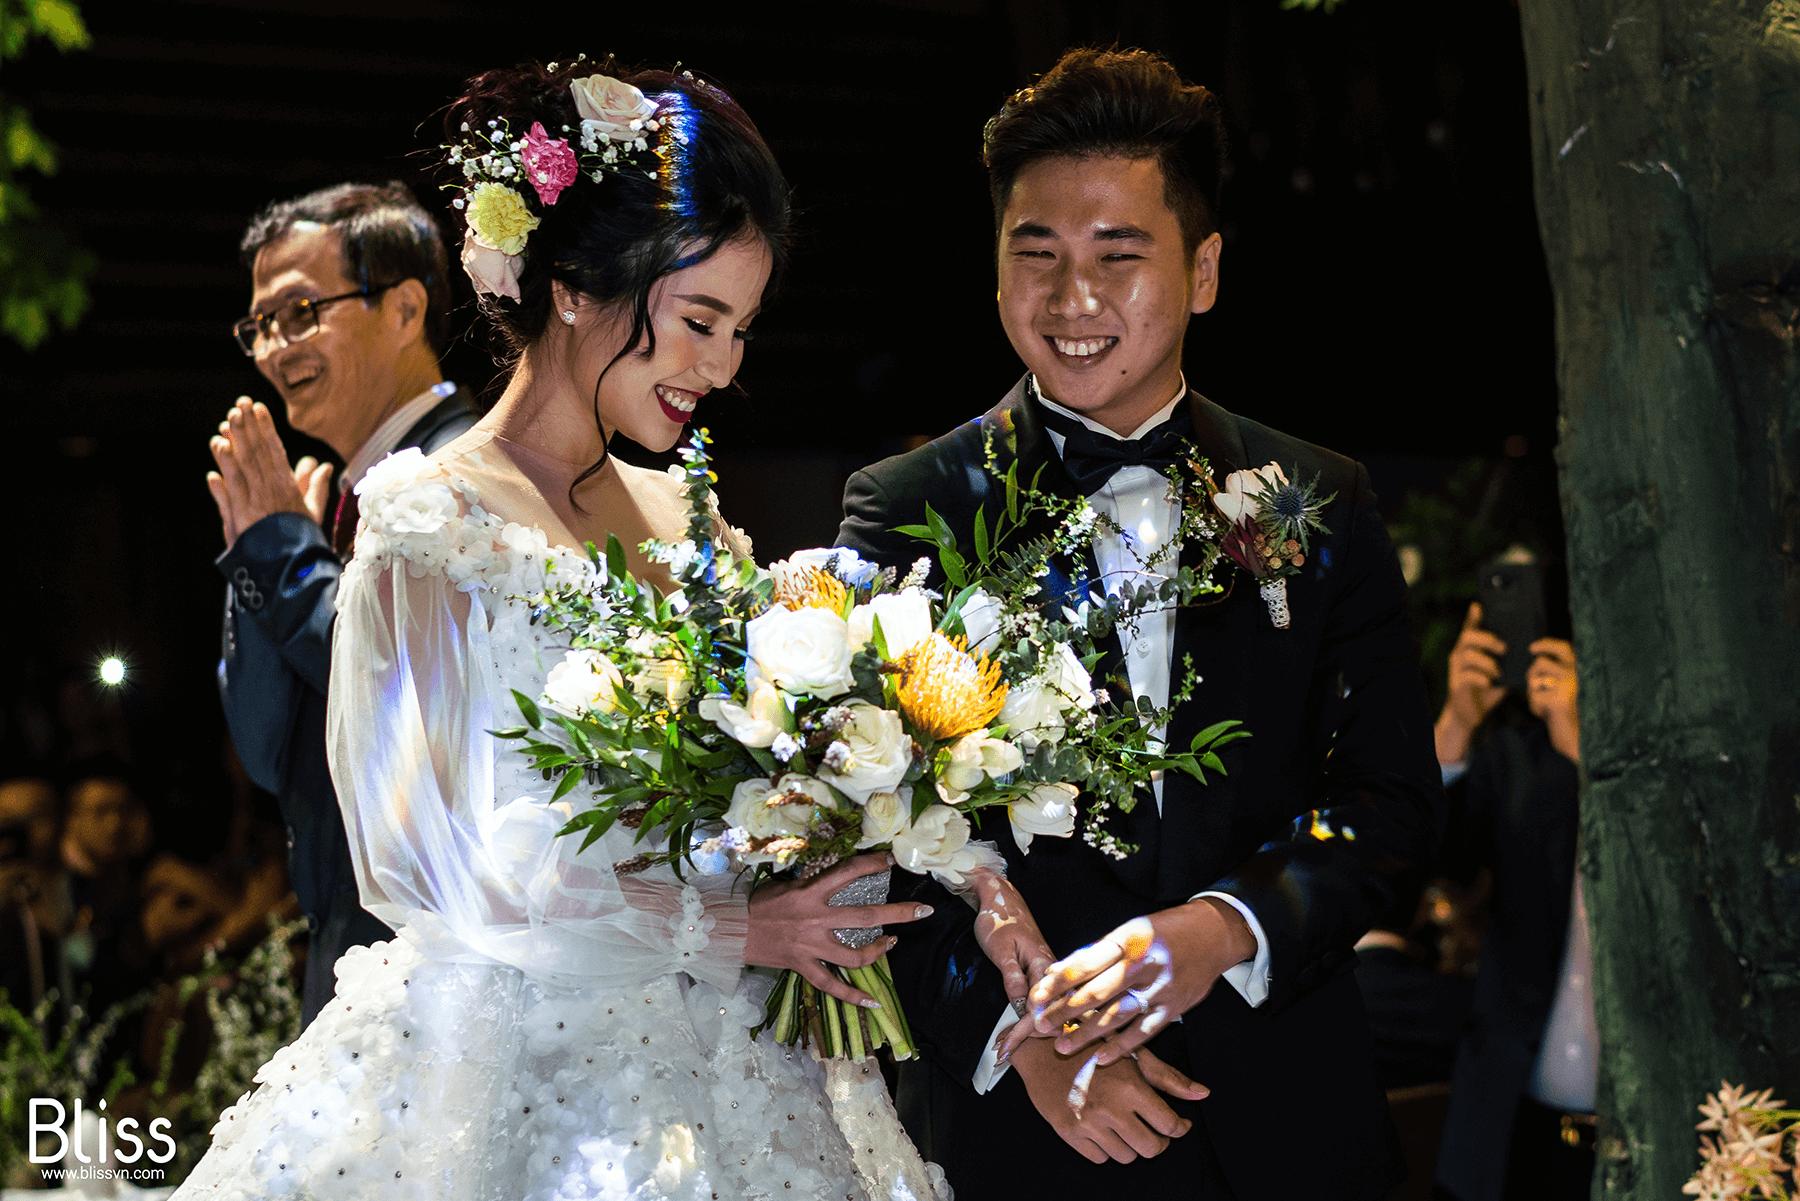 Thủ tục trong đám cưới người Việt bạn cần chú ý